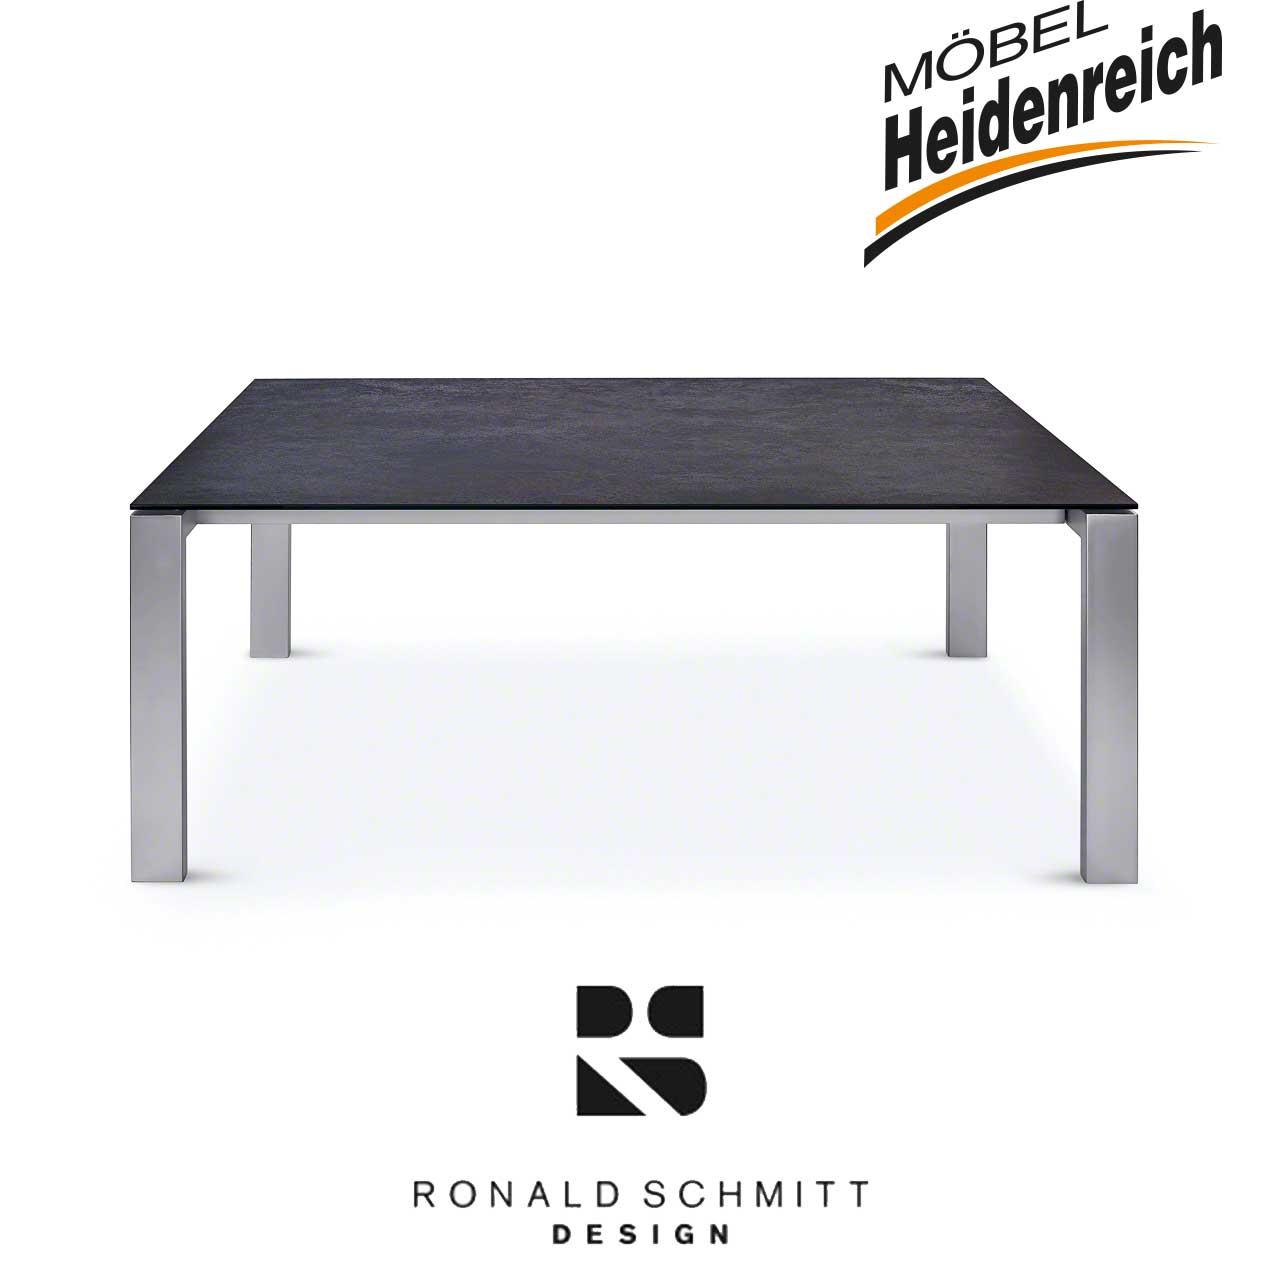 ronald schmitt esstisch p 2380 m bel heidenreich. Black Bedroom Furniture Sets. Home Design Ideas